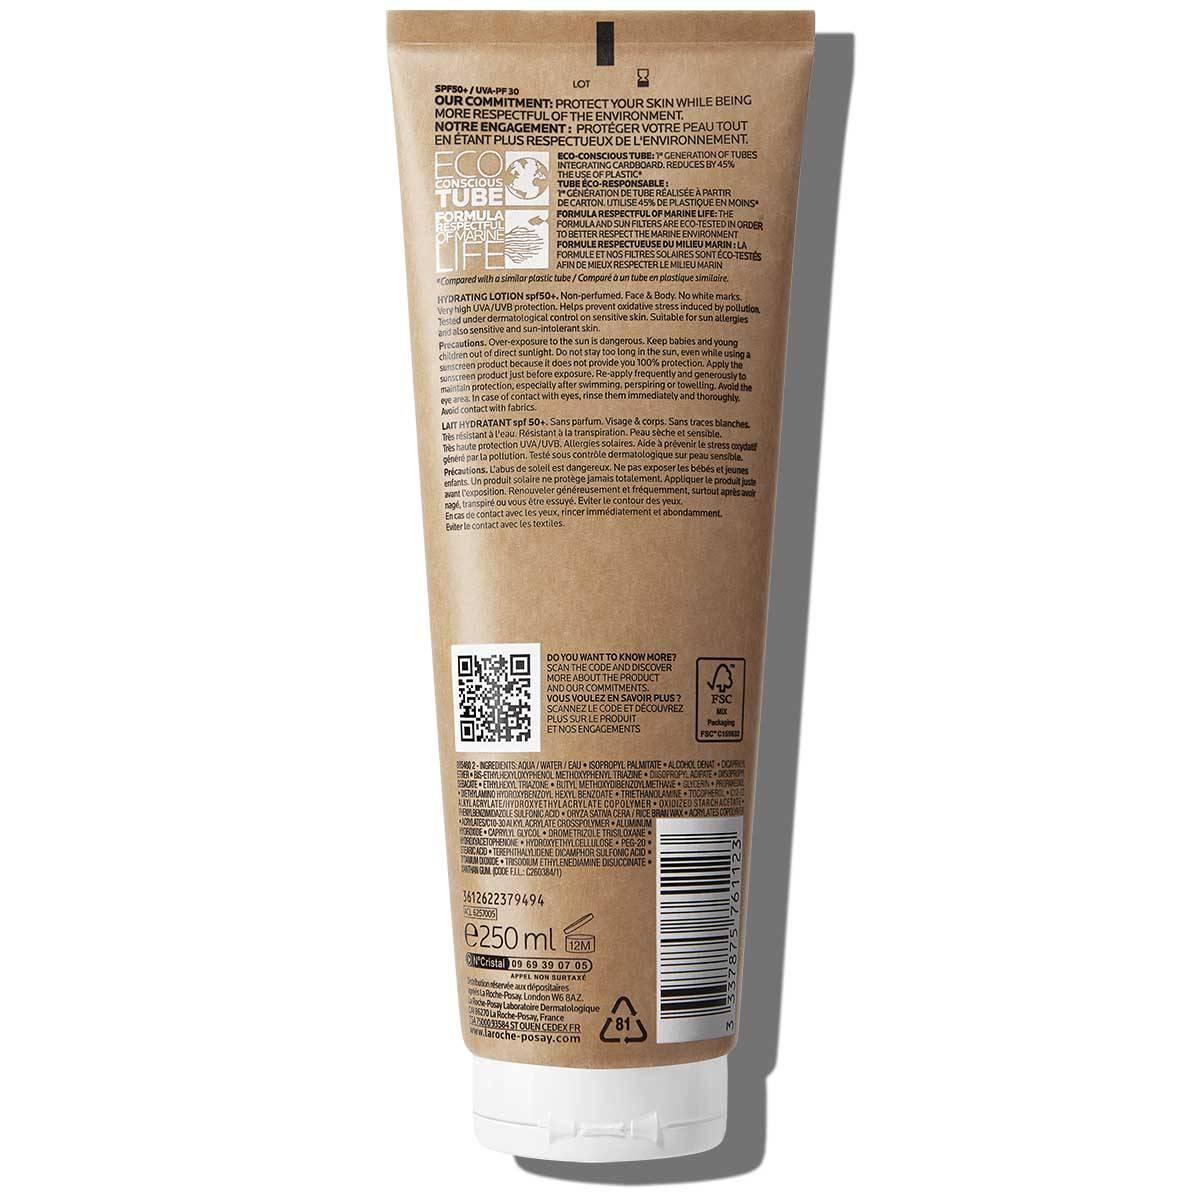 anthelios loção hidratante spf 50 embalagem ecológica rótulo